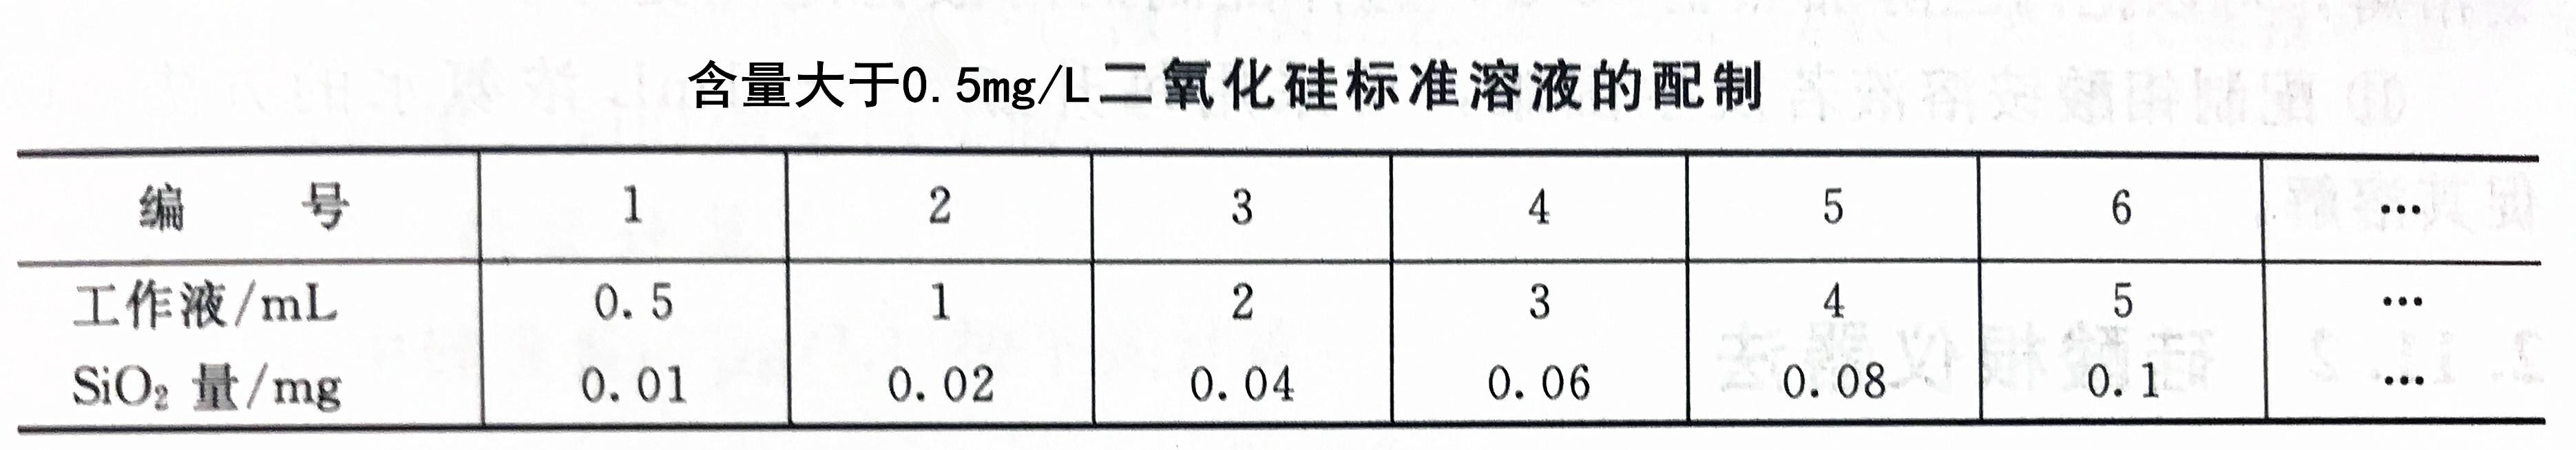 含量小于0.5mg/L二氧化硅标准溶液